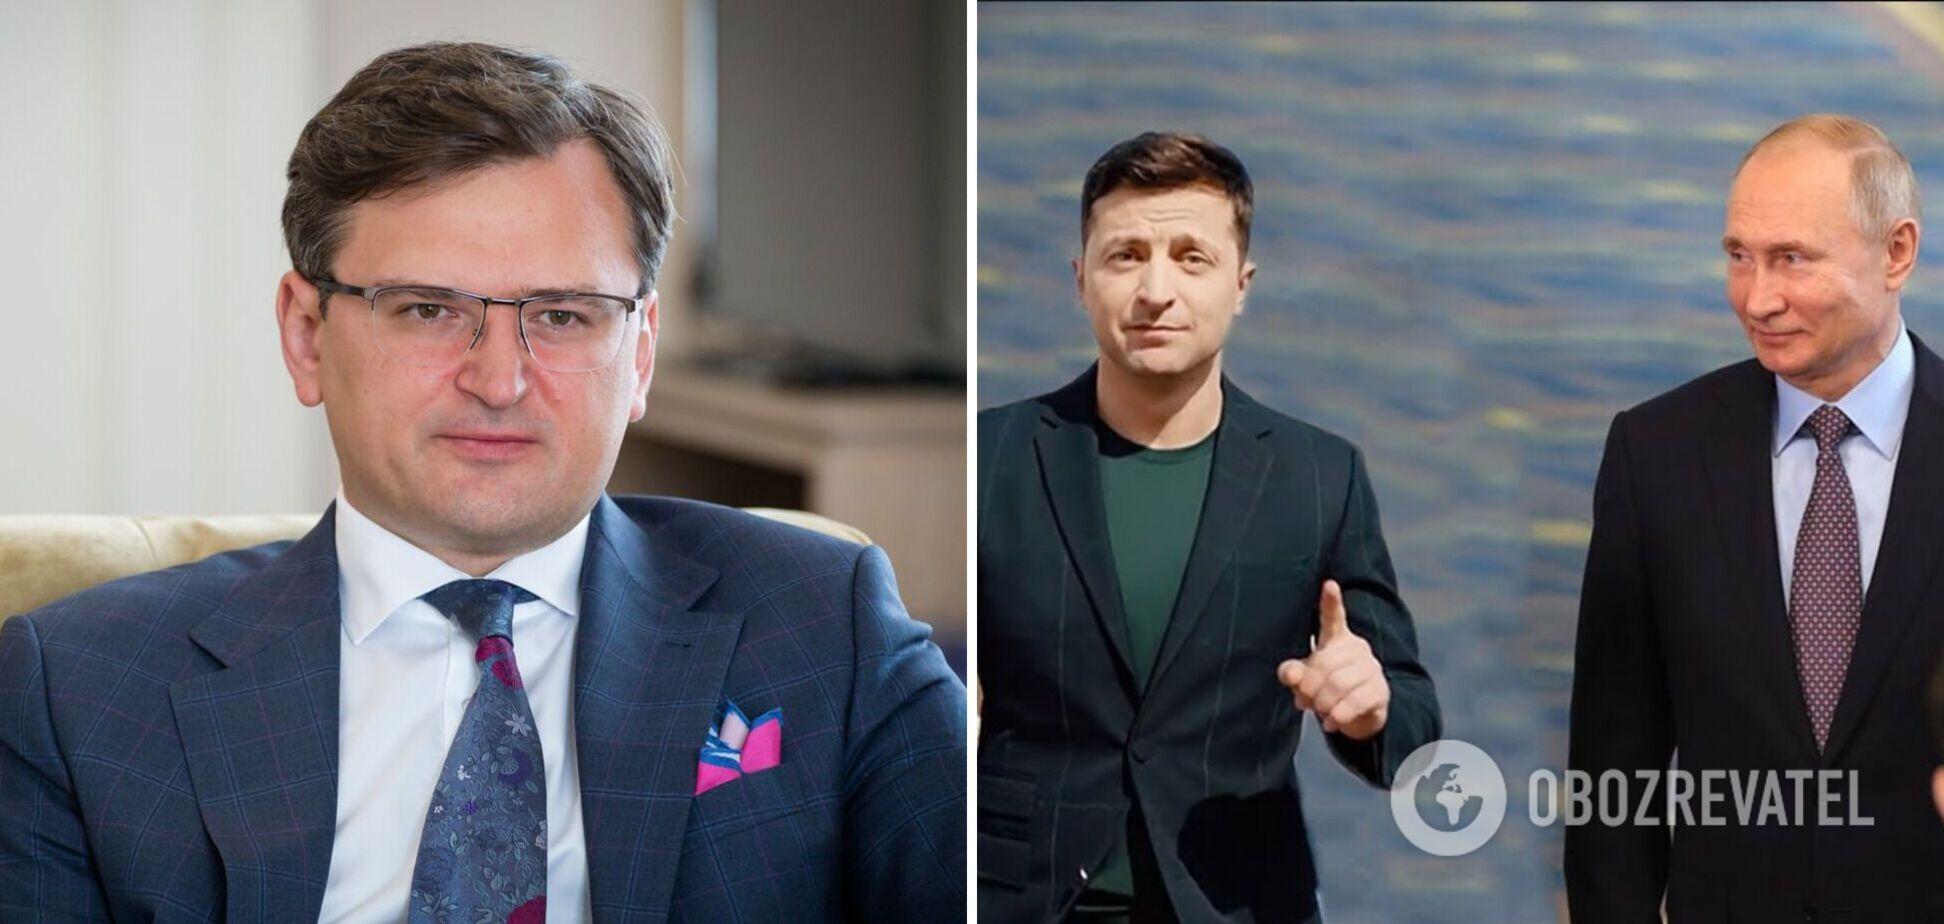 Кулеба заявил, что Путин не готов встретиться с Зеленским